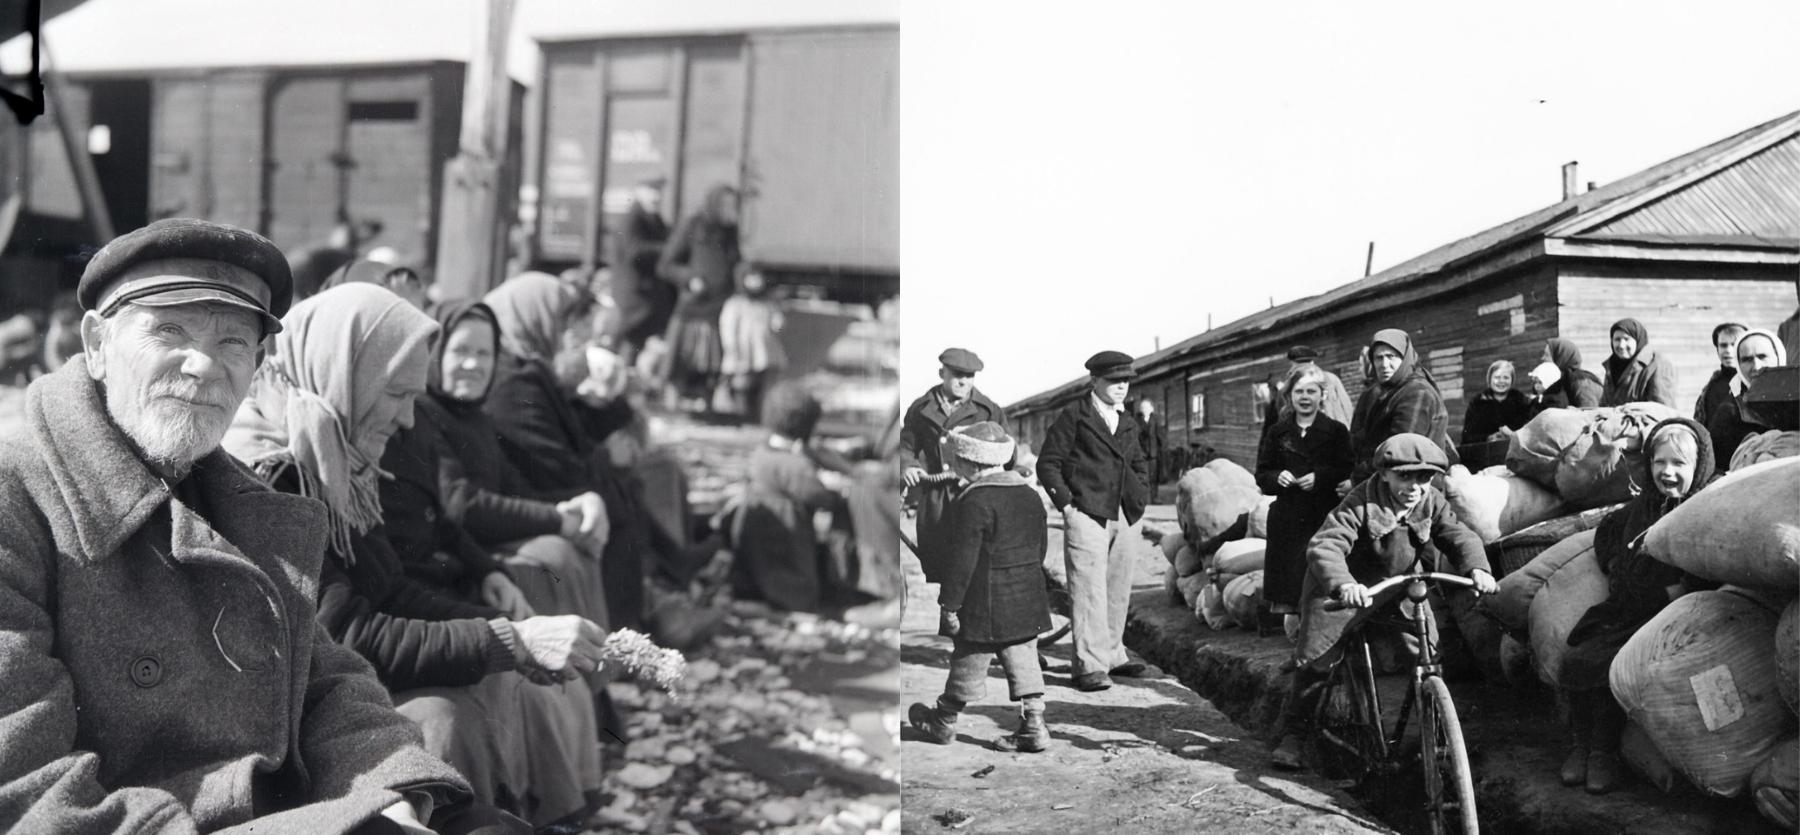 Inkeriläisiä pakolaisia odottamassa siirtoa Suomeen. Inkeriläisten sivistyssäätiön kokoelma, kuvat 2657 ja 521. CC BY 4.0